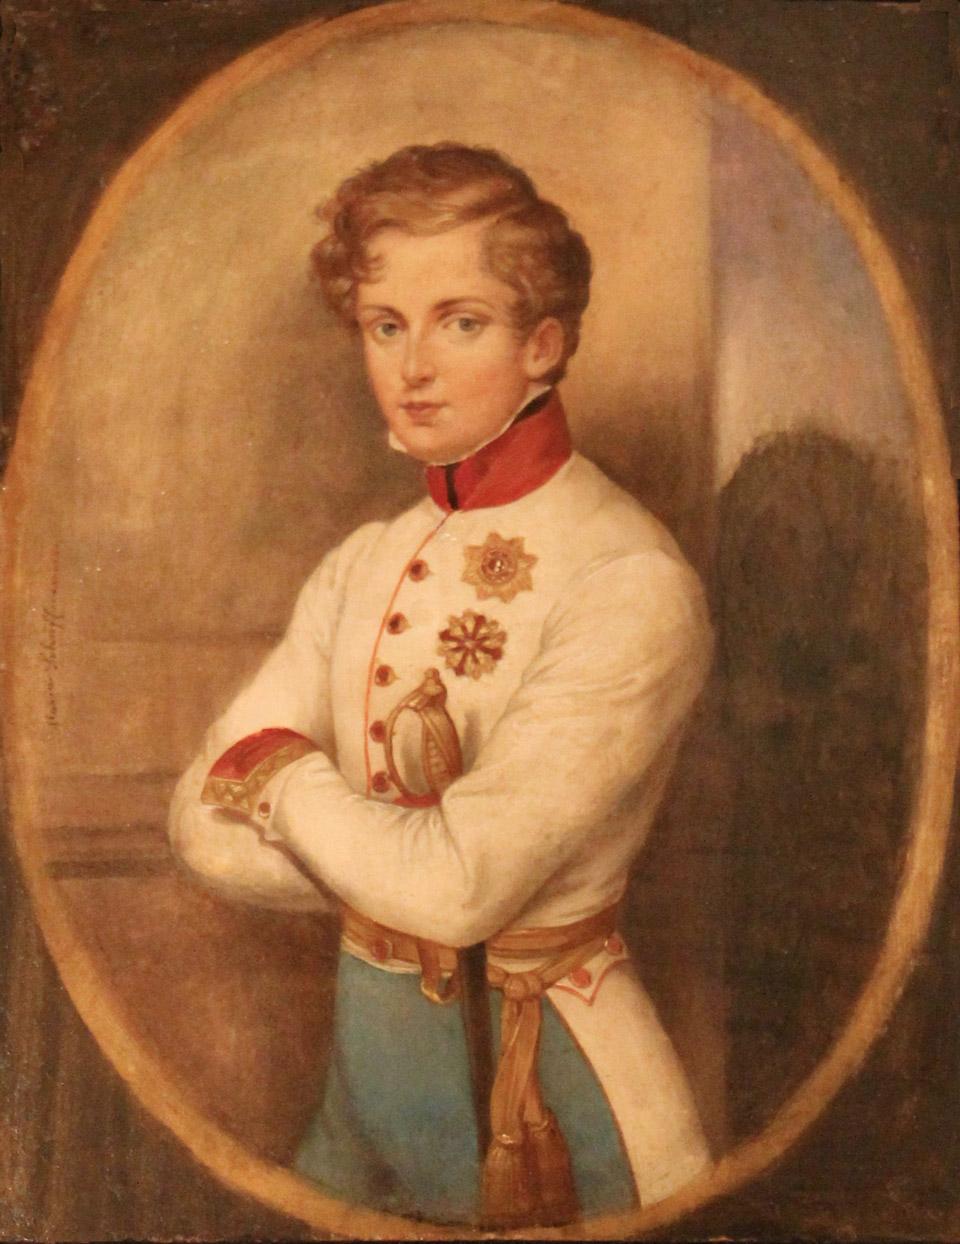 Наполеон-Франсуа-Шарль-Жозеф Бонапарт, единственный законный сын Наполеона